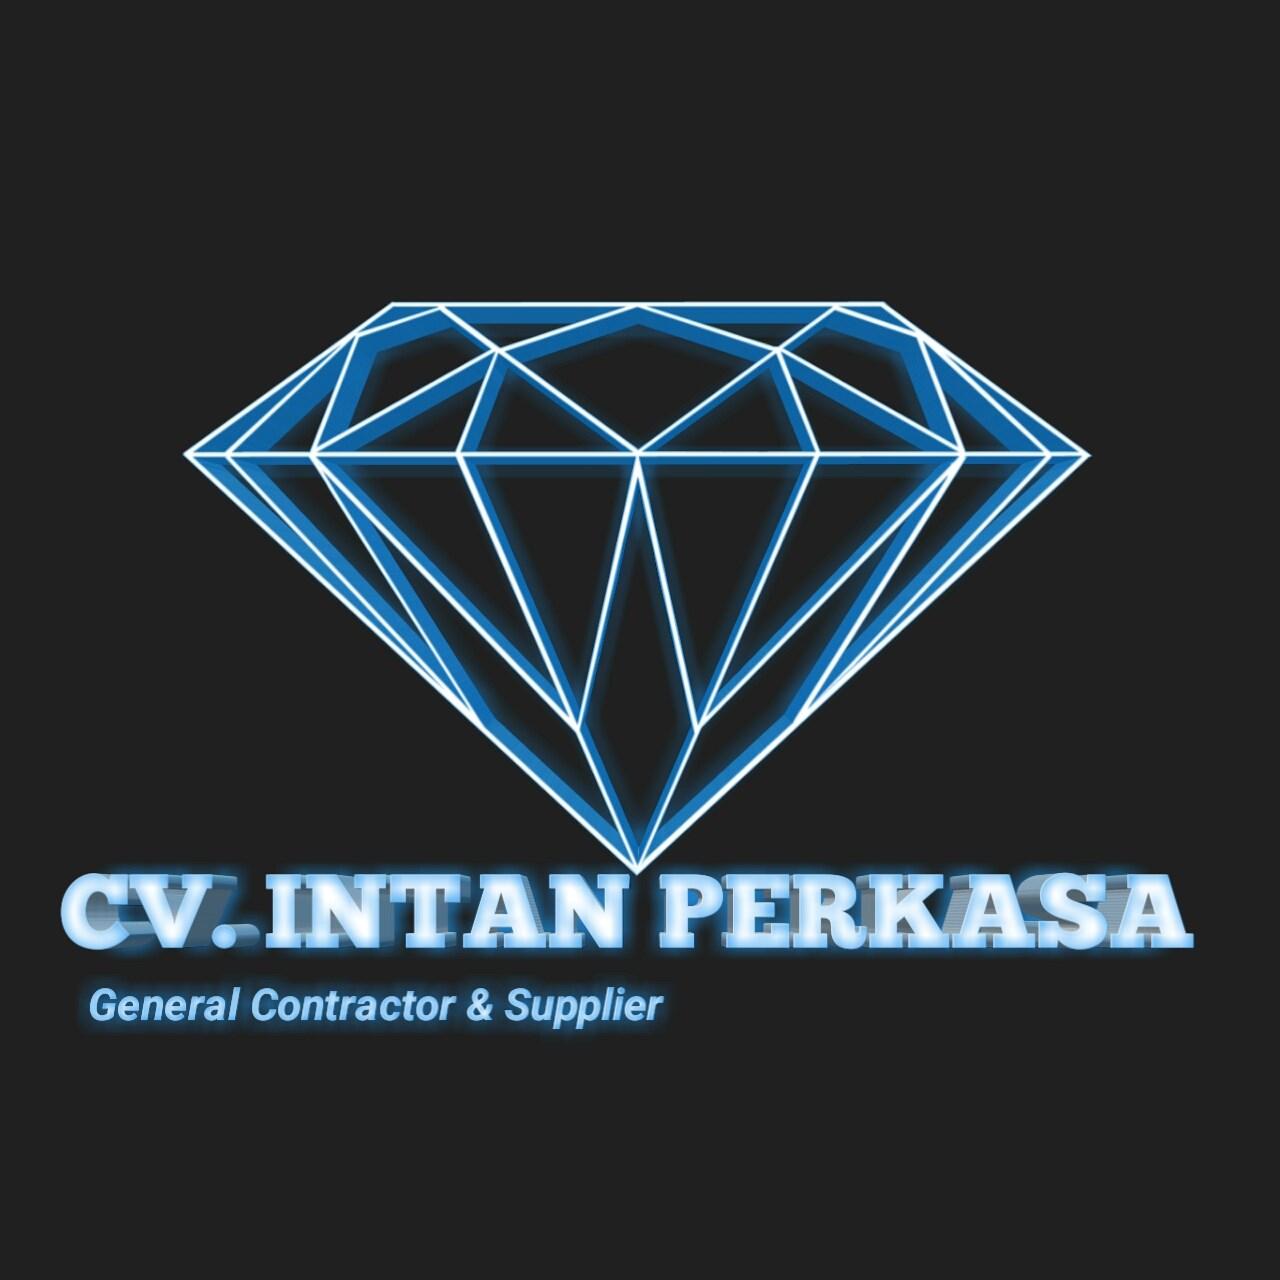 Logo CV Intan Perkasa